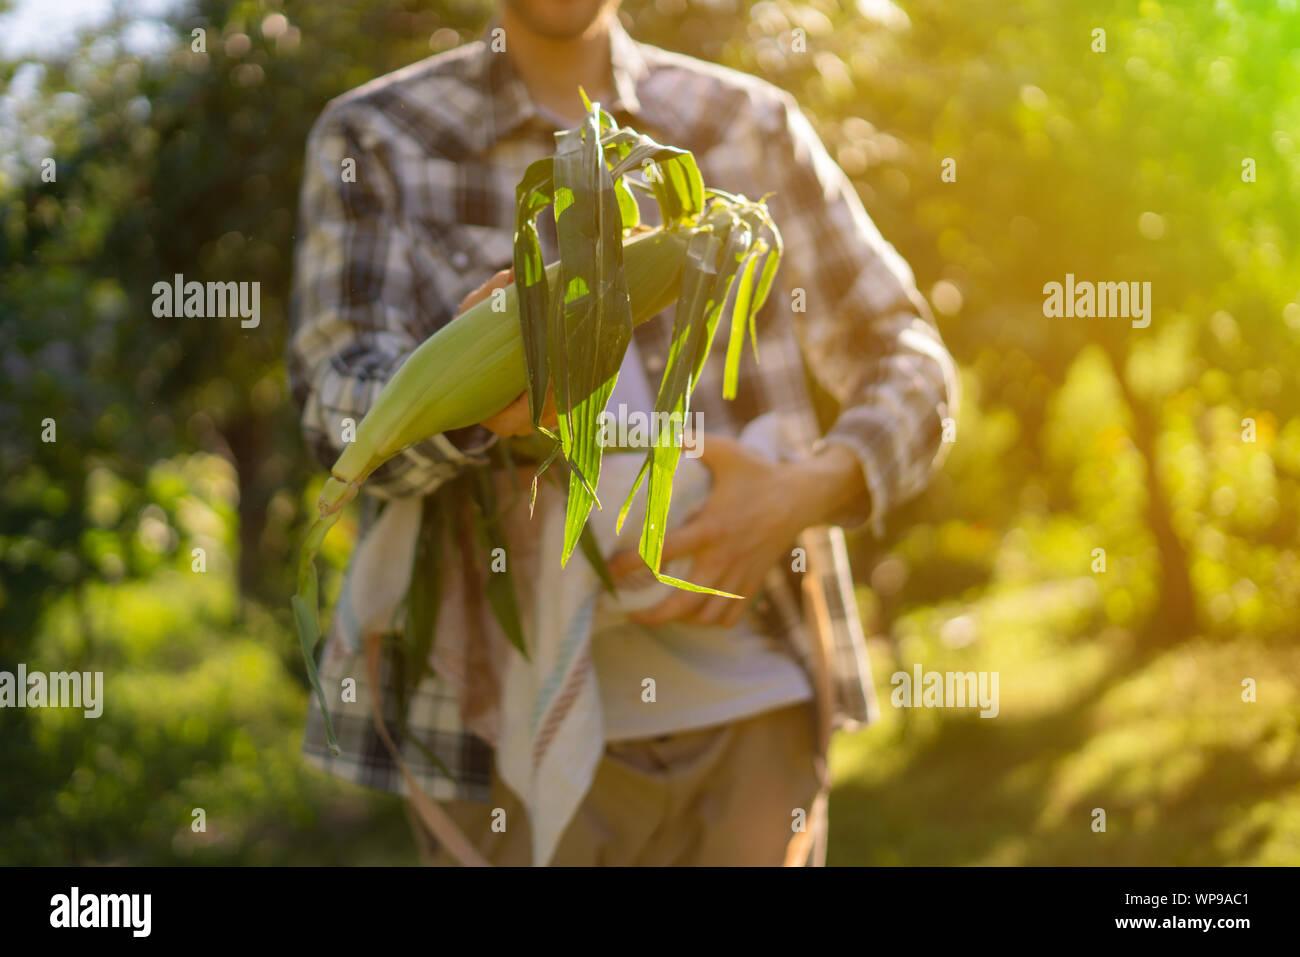 El agricultor joven sosteniendo un maíz crudo, acaban de reunirse en el jardín en días soleados Foto de stock